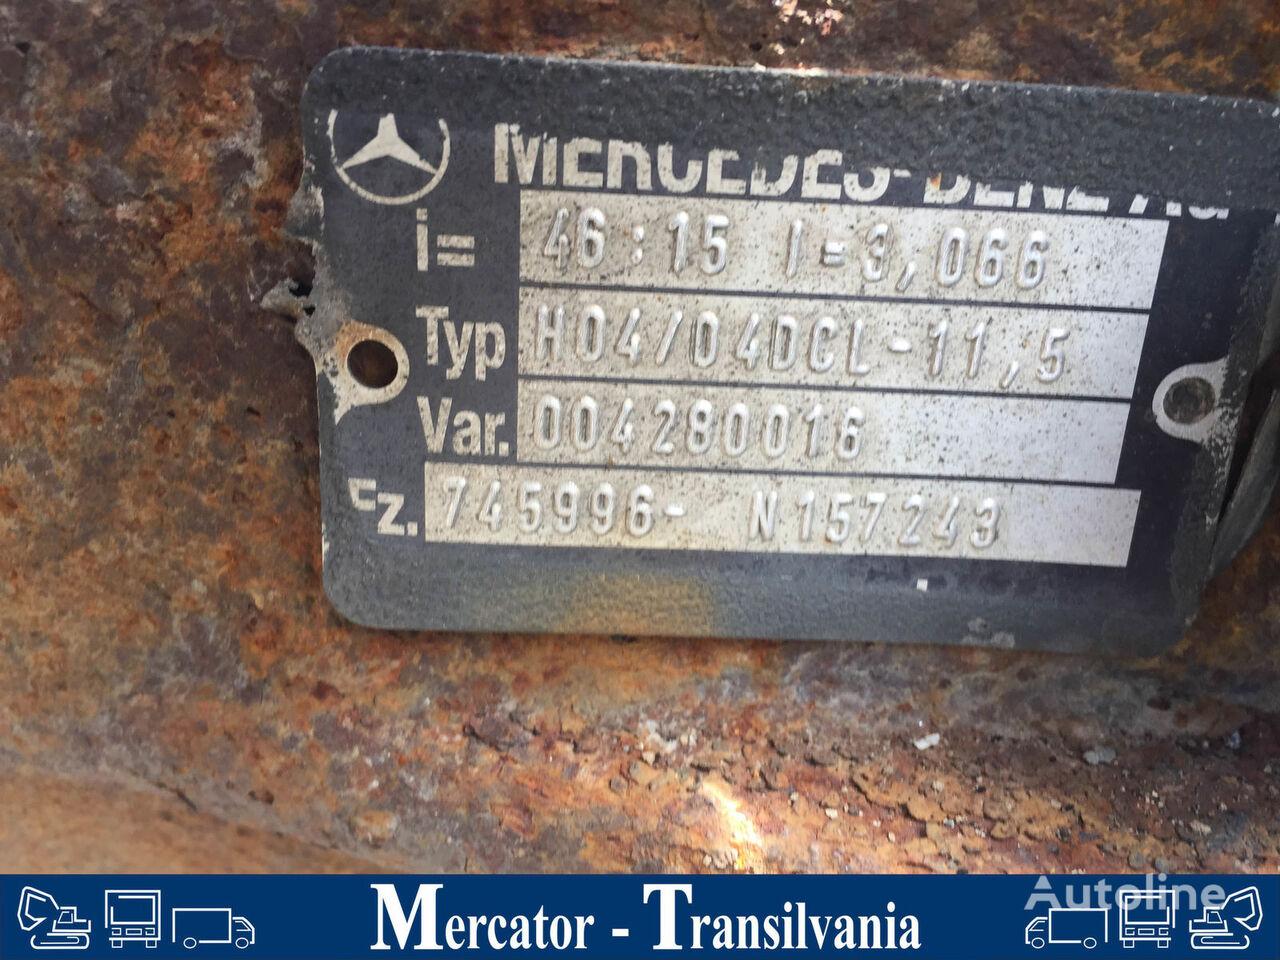 λεωφορείο MERCEDES-BENZ O 404 για άξονας MERCEDES-BENZ H04/ 04 DCL - 11,5